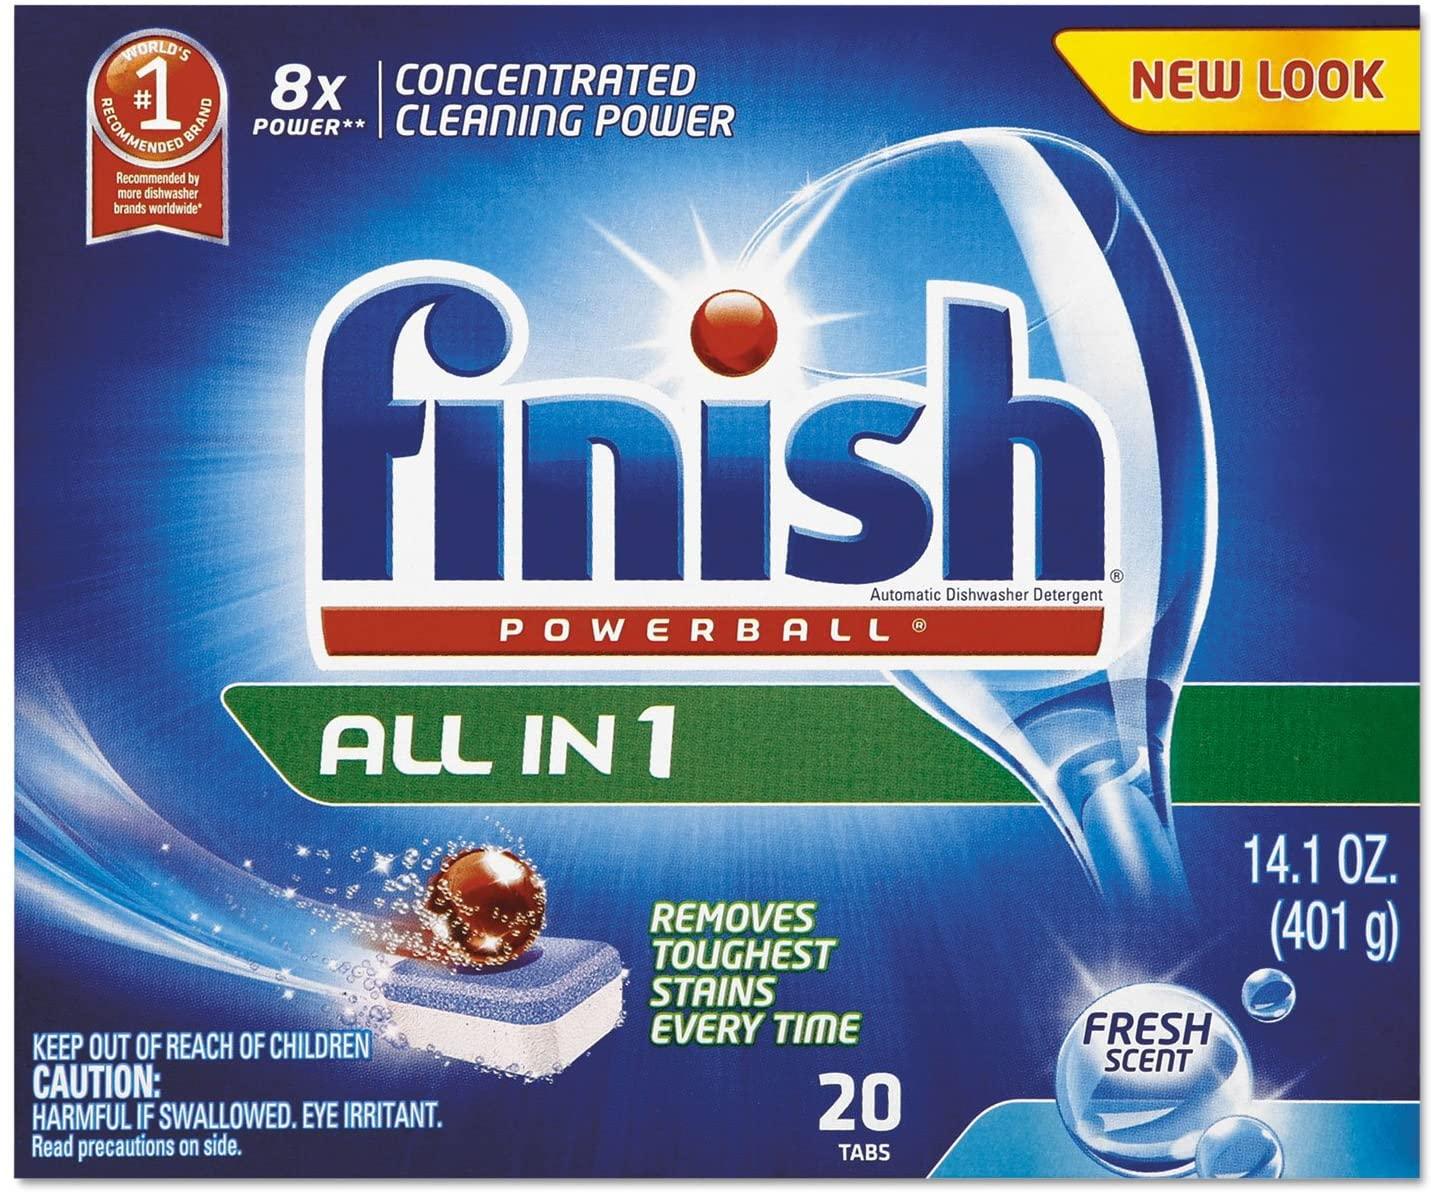 Powerball Dishwasher Tabs, Fresh Scent, 20/Box, 8 Boxes/Carton, Sold as 1 Carton, 160 Each per Carton